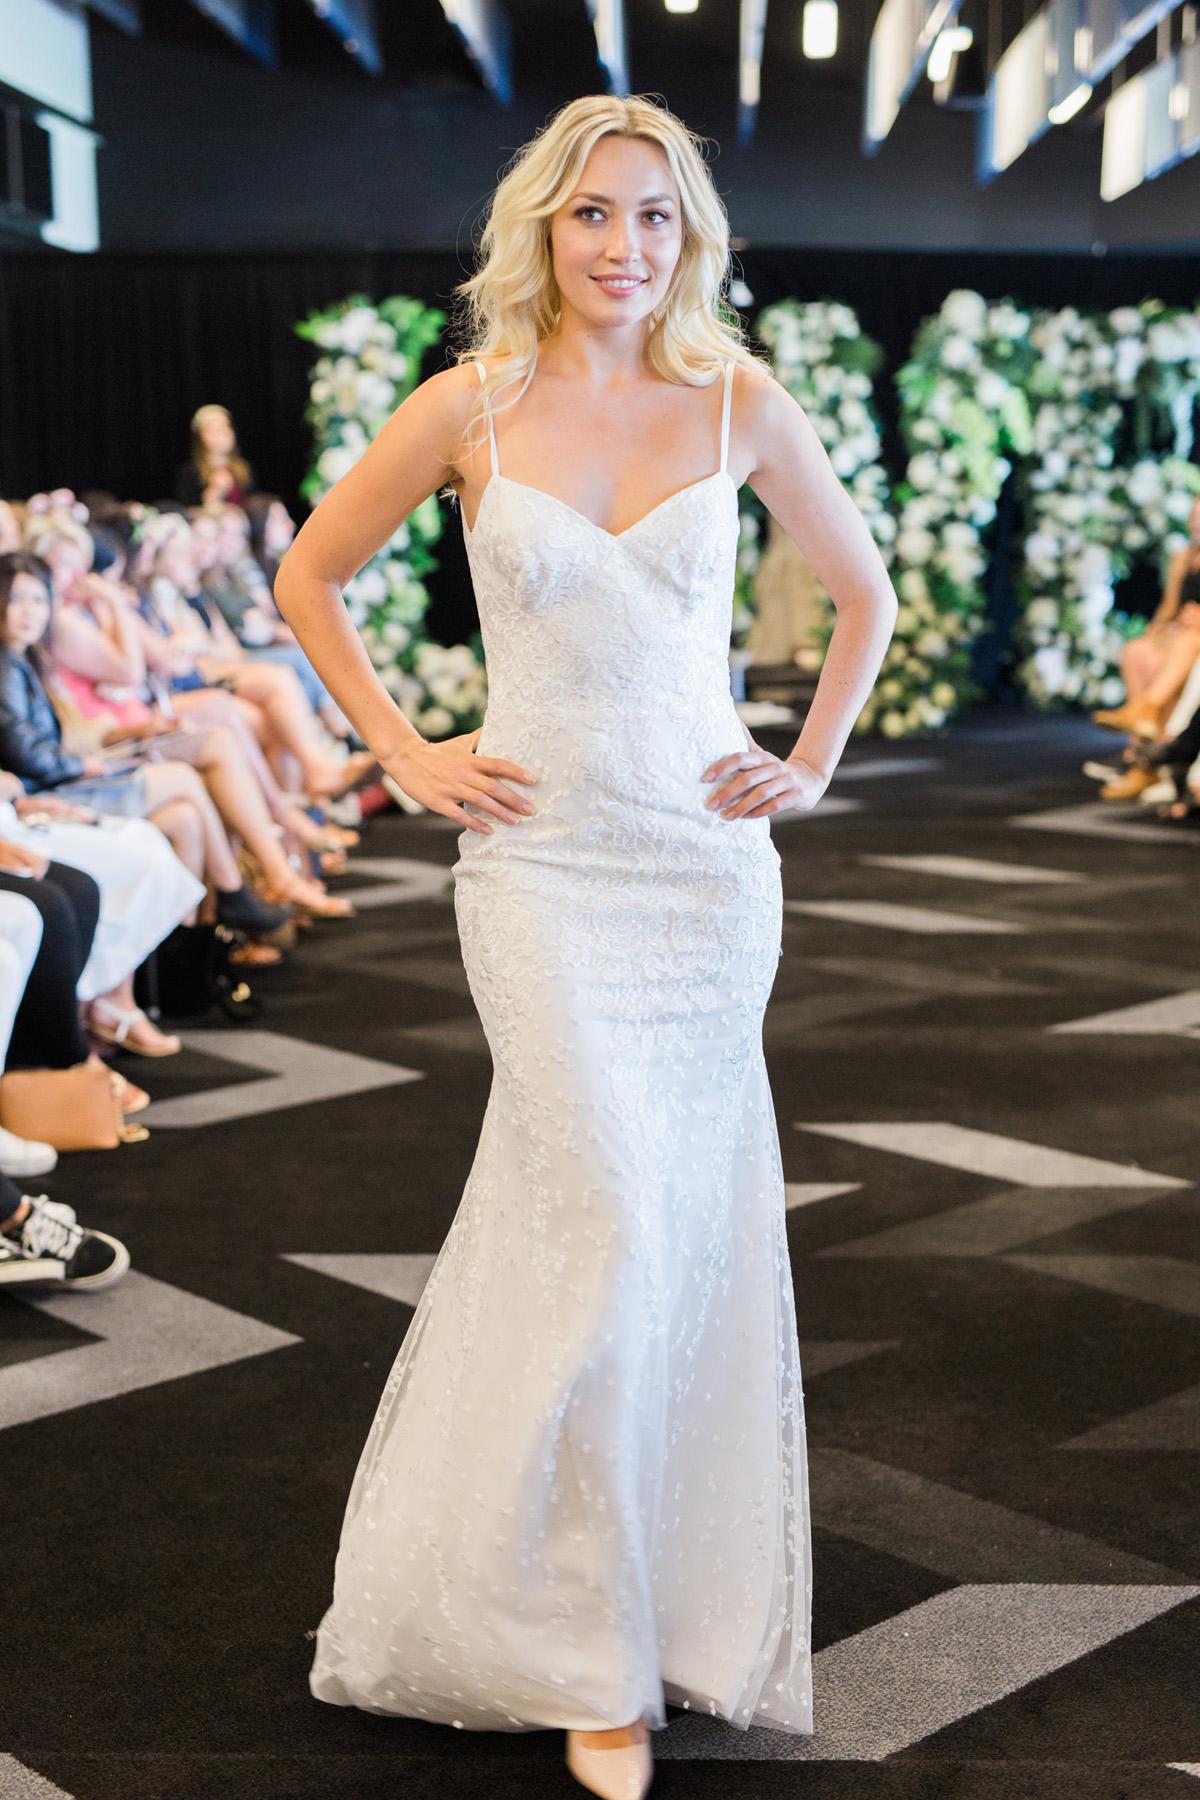 Love-Wedding-Festival-Sydney-Wedding-Gown-Angela-Osagie-20.jpg